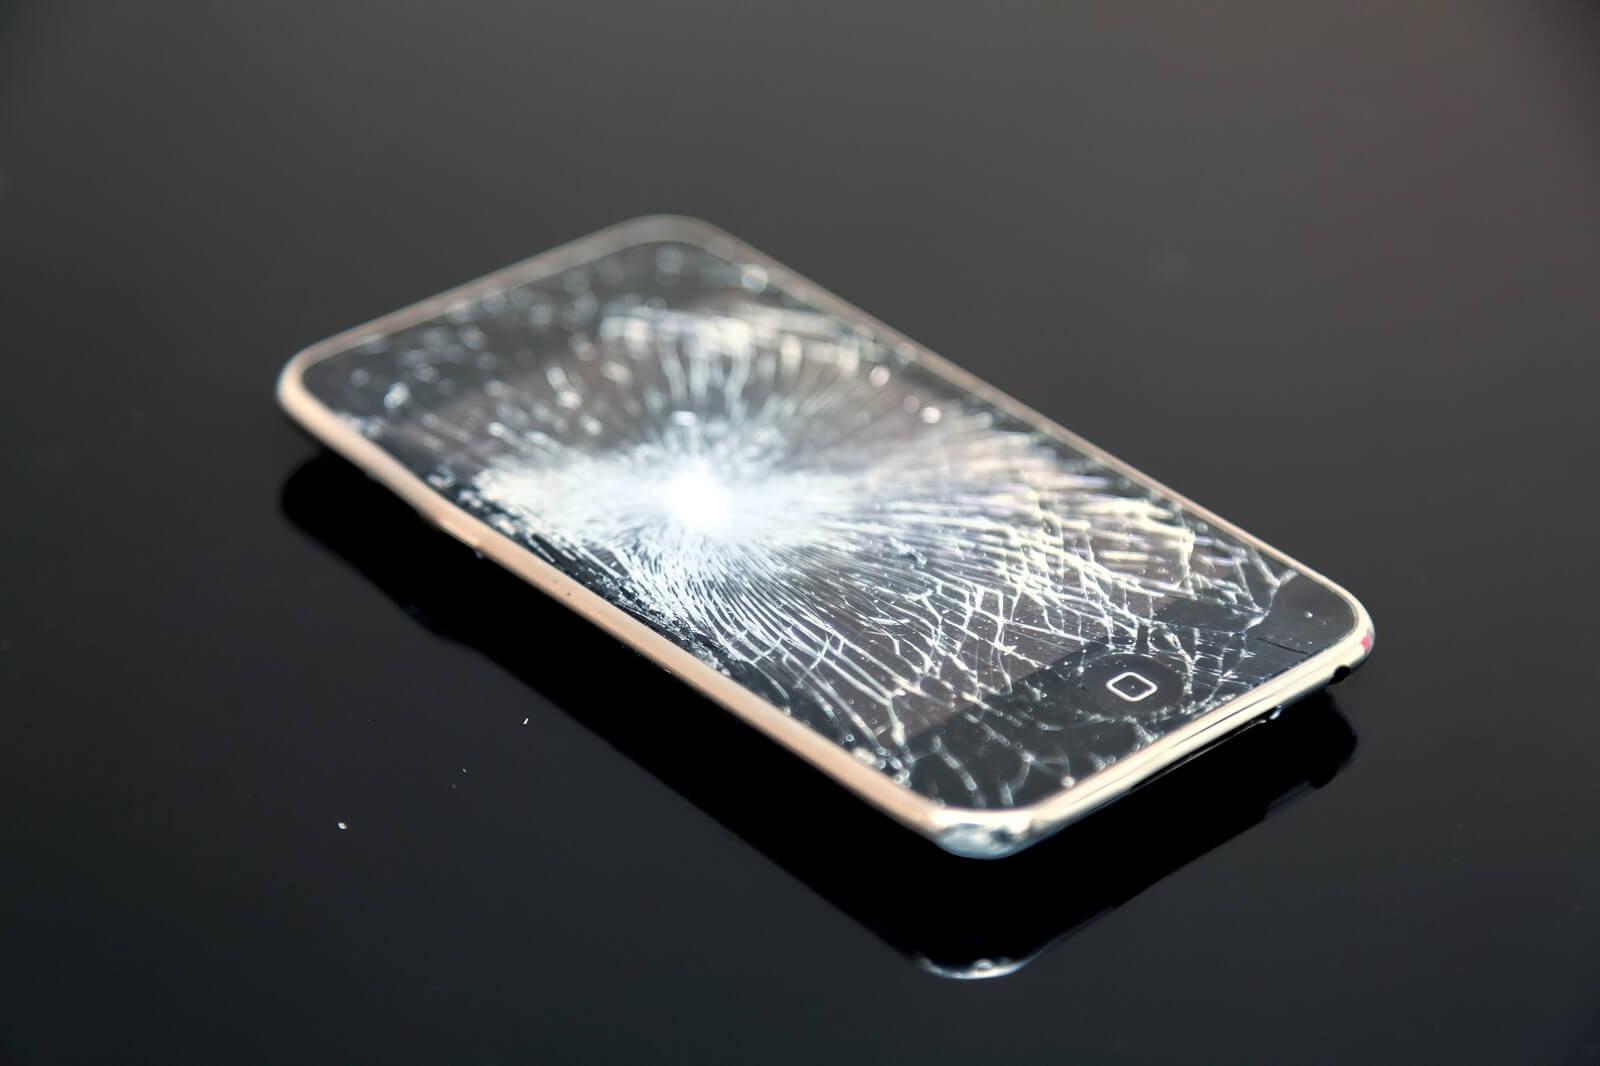 故障iPhone 買い取り ネット